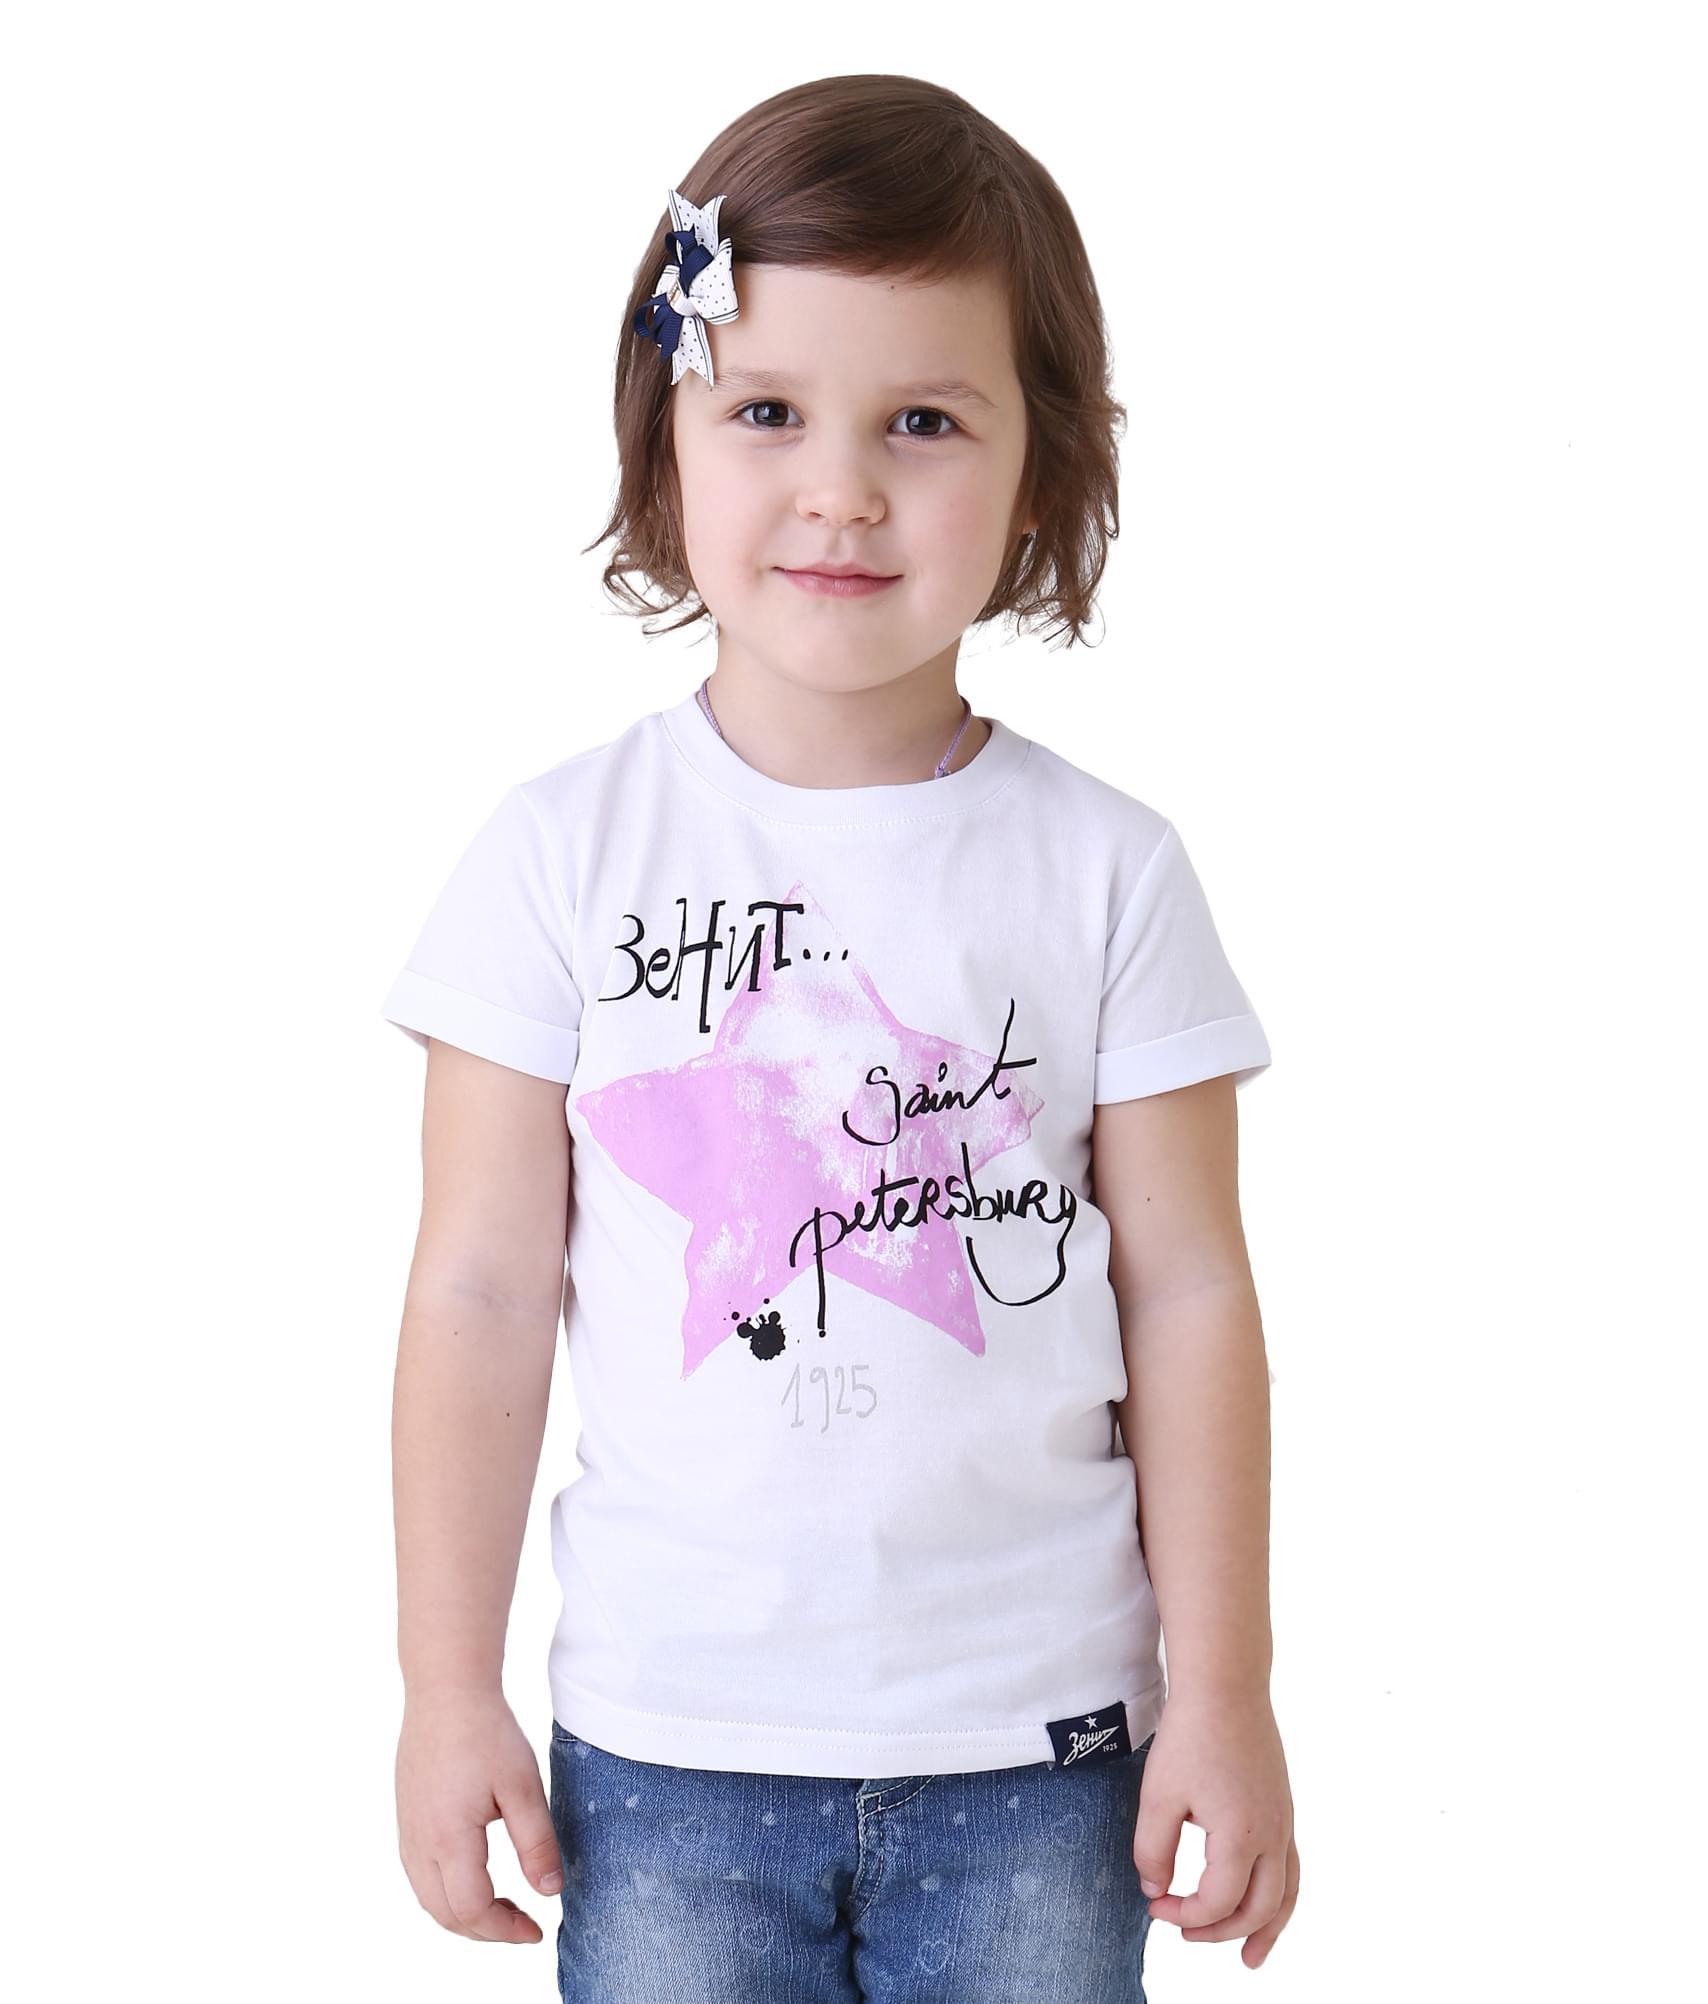 Футболка детская, Цвет-Бело-Розовый, Размер-158-164 халат медицинский лиза р 44 46 158 164 бело бирюзовый